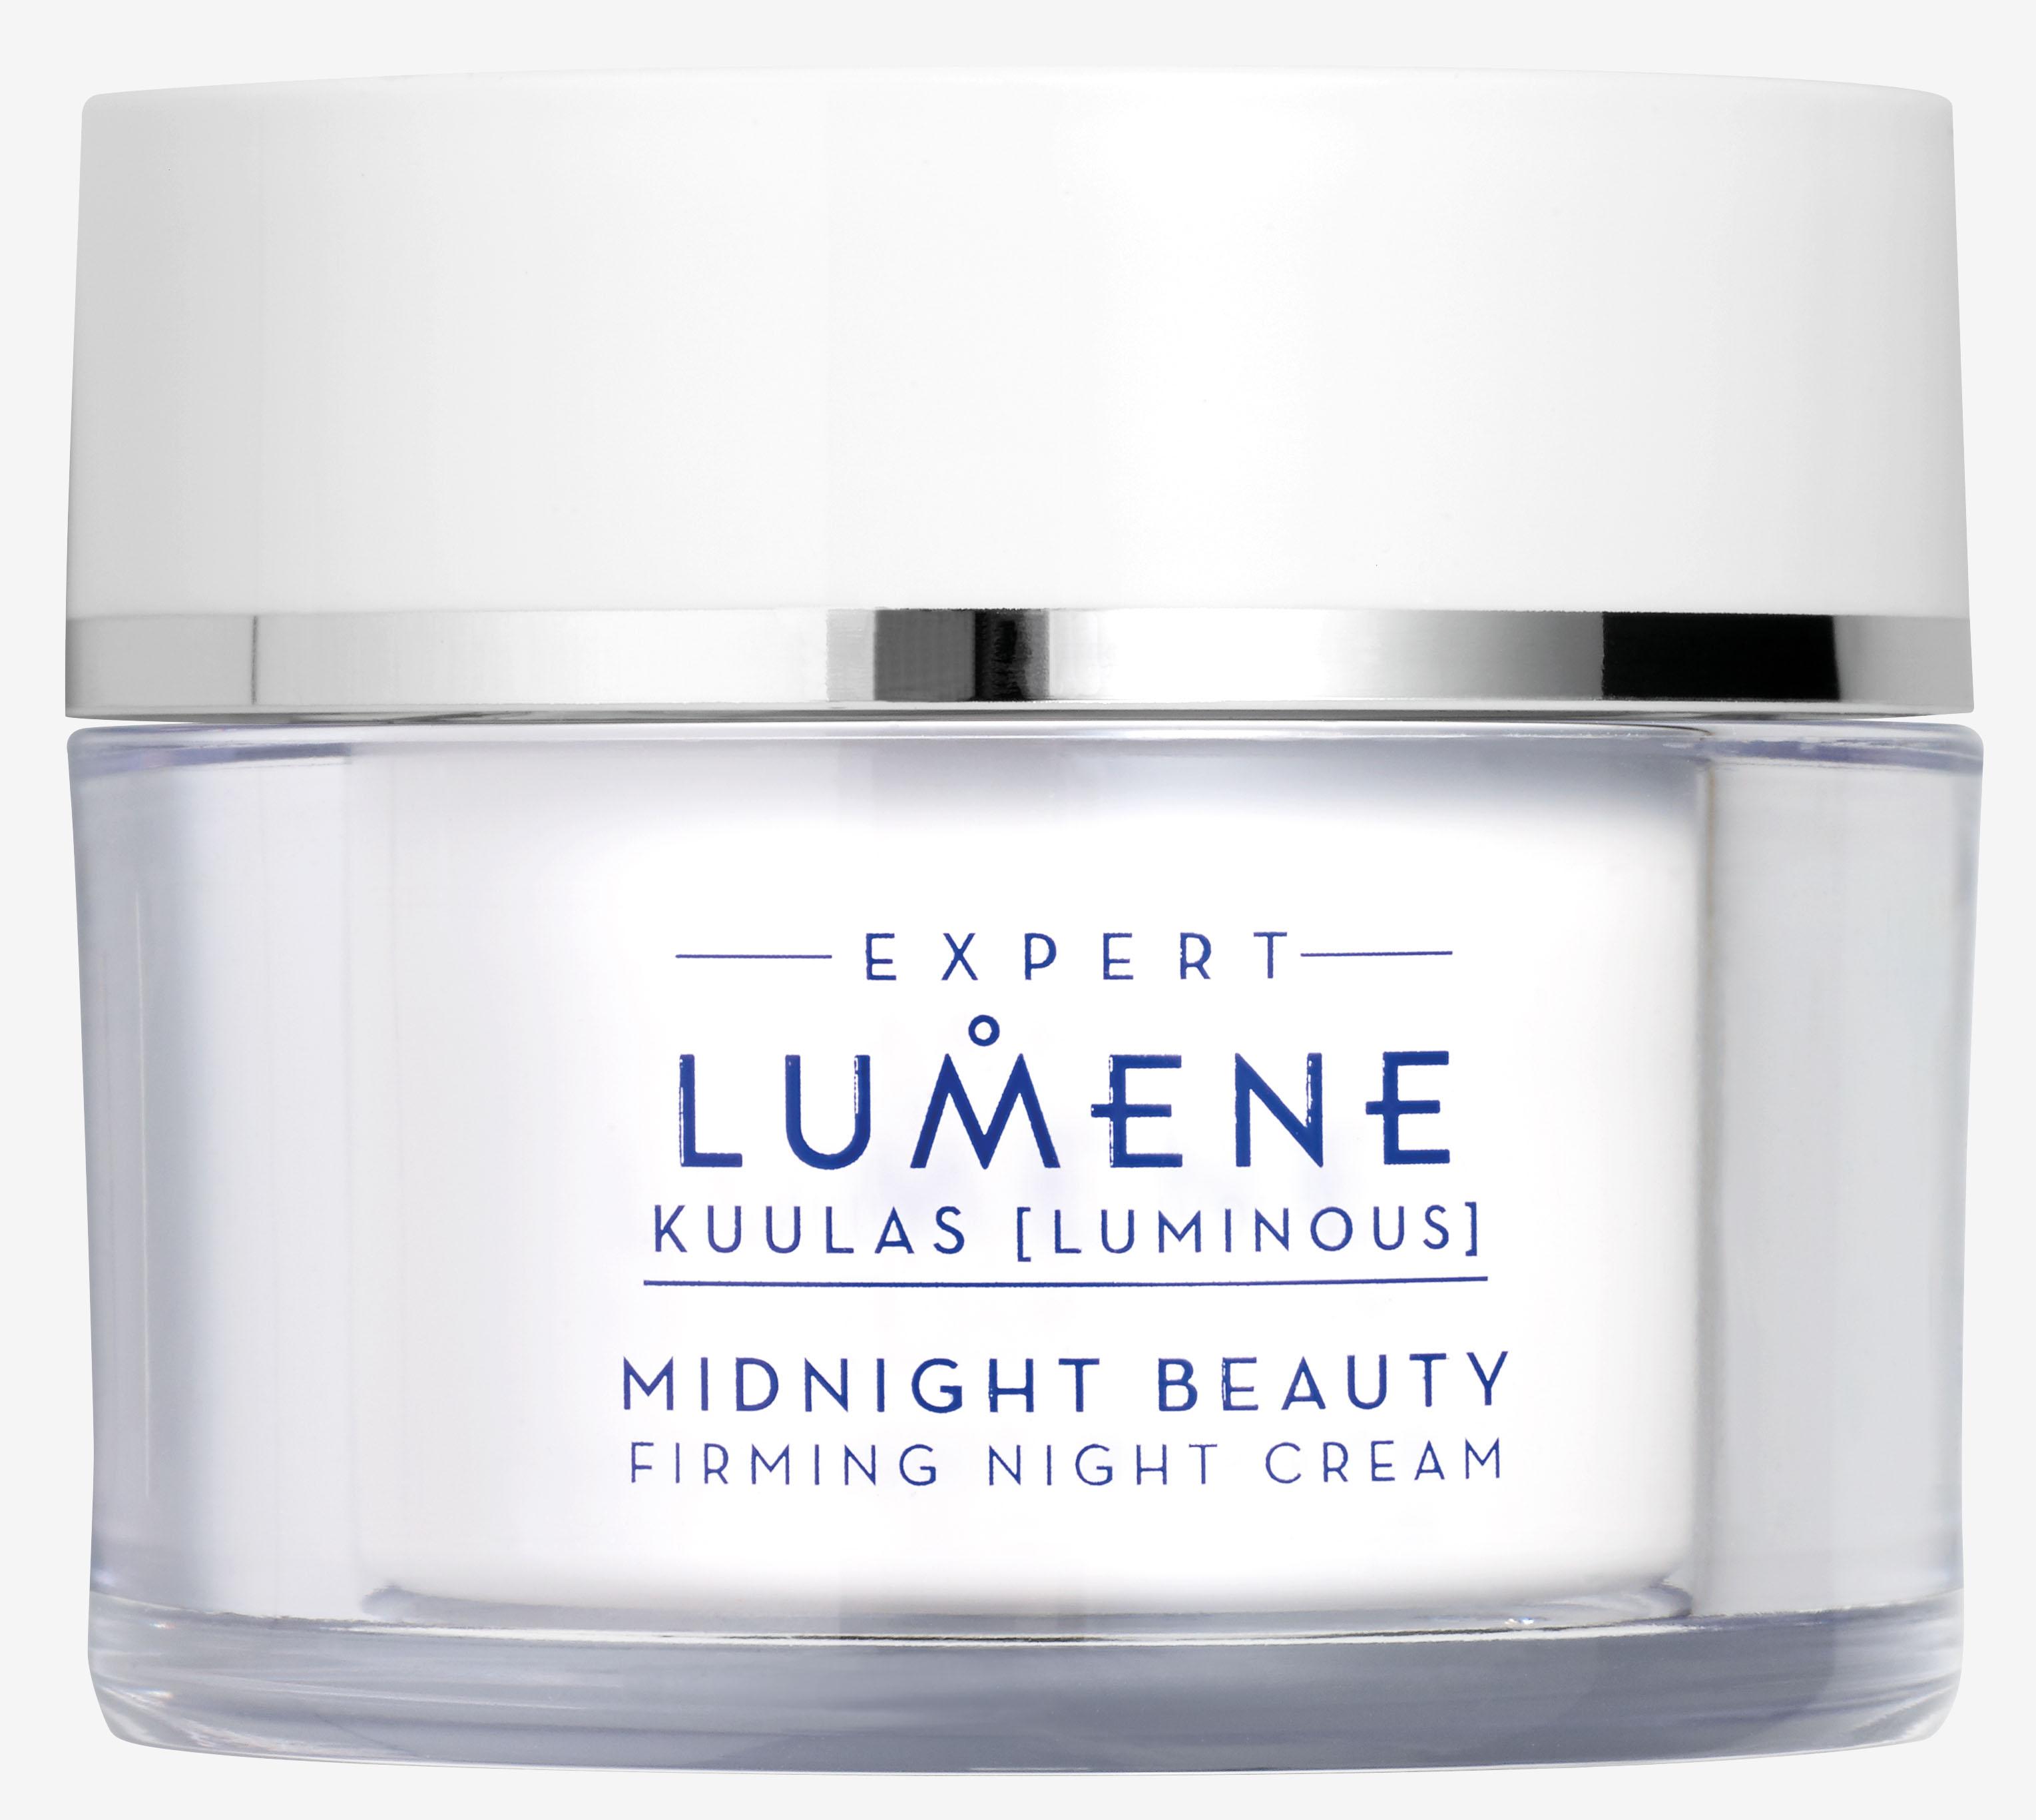 Lumene Kuulas Укрепляющий ночной крем-уход для красоты кожи, 50 мл asus asus zenfone 2 laser ze500kl 32гб серебристый